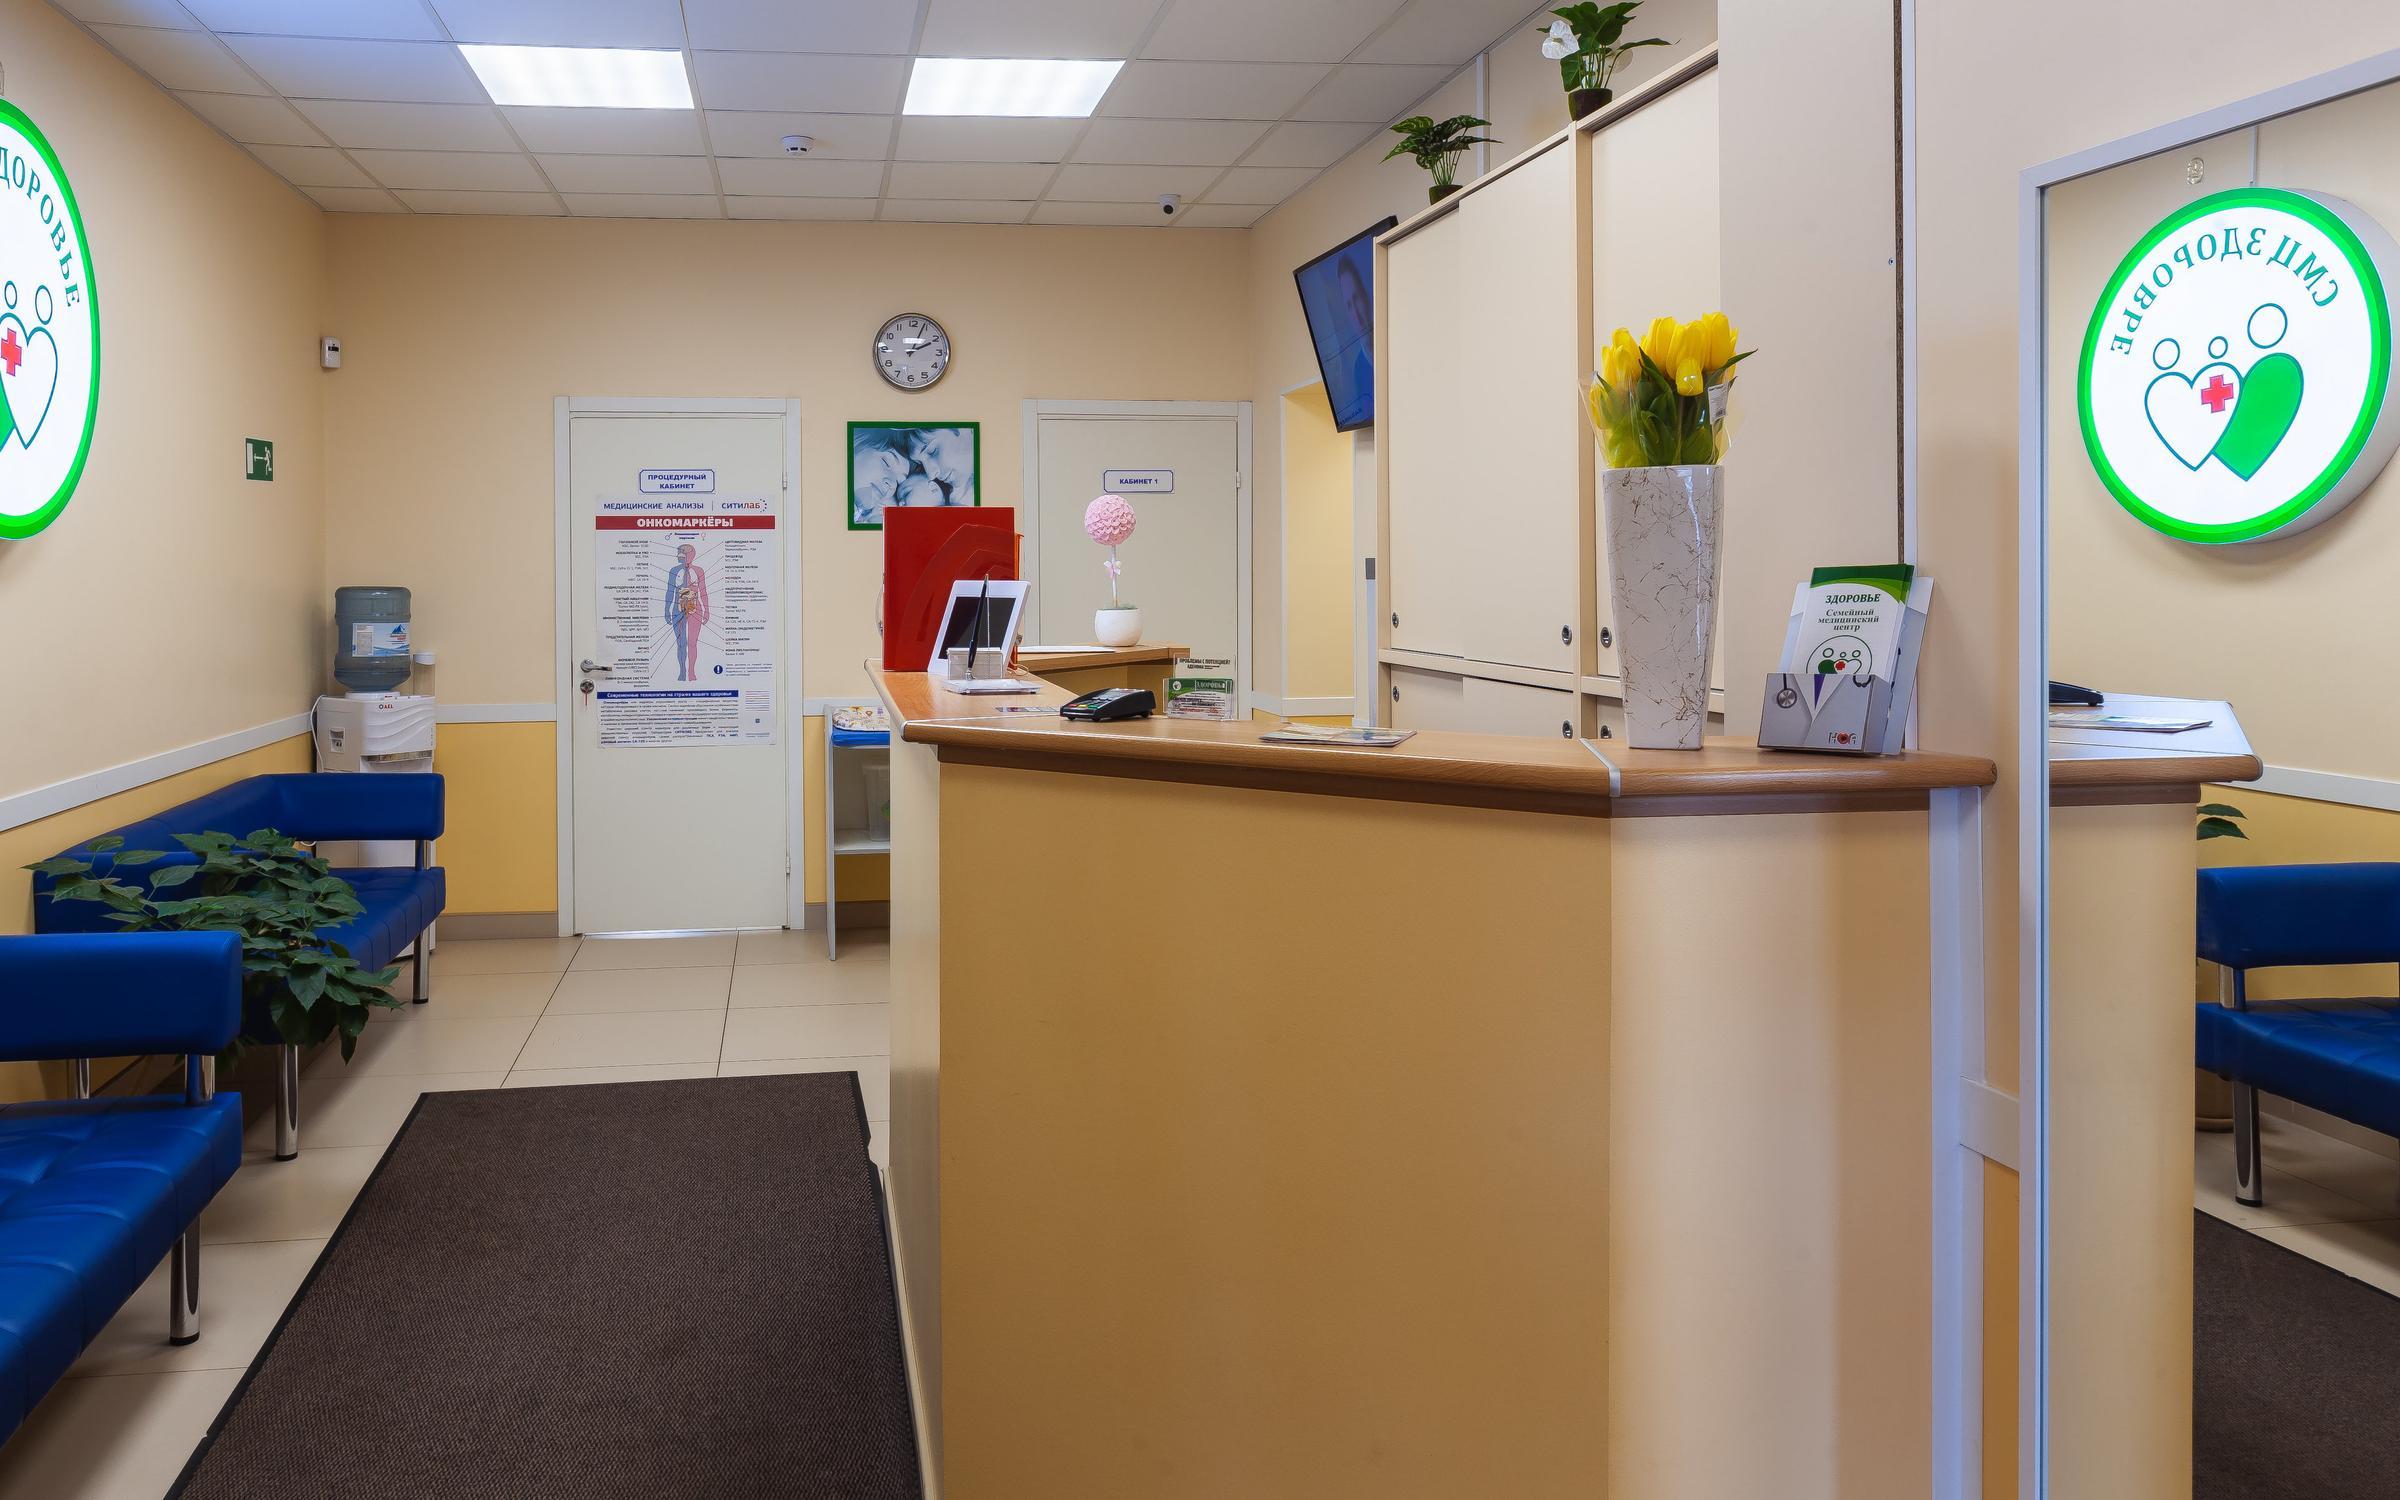 фотография Семейного медицинского центра Здоровье на улице Ленина в Лобне